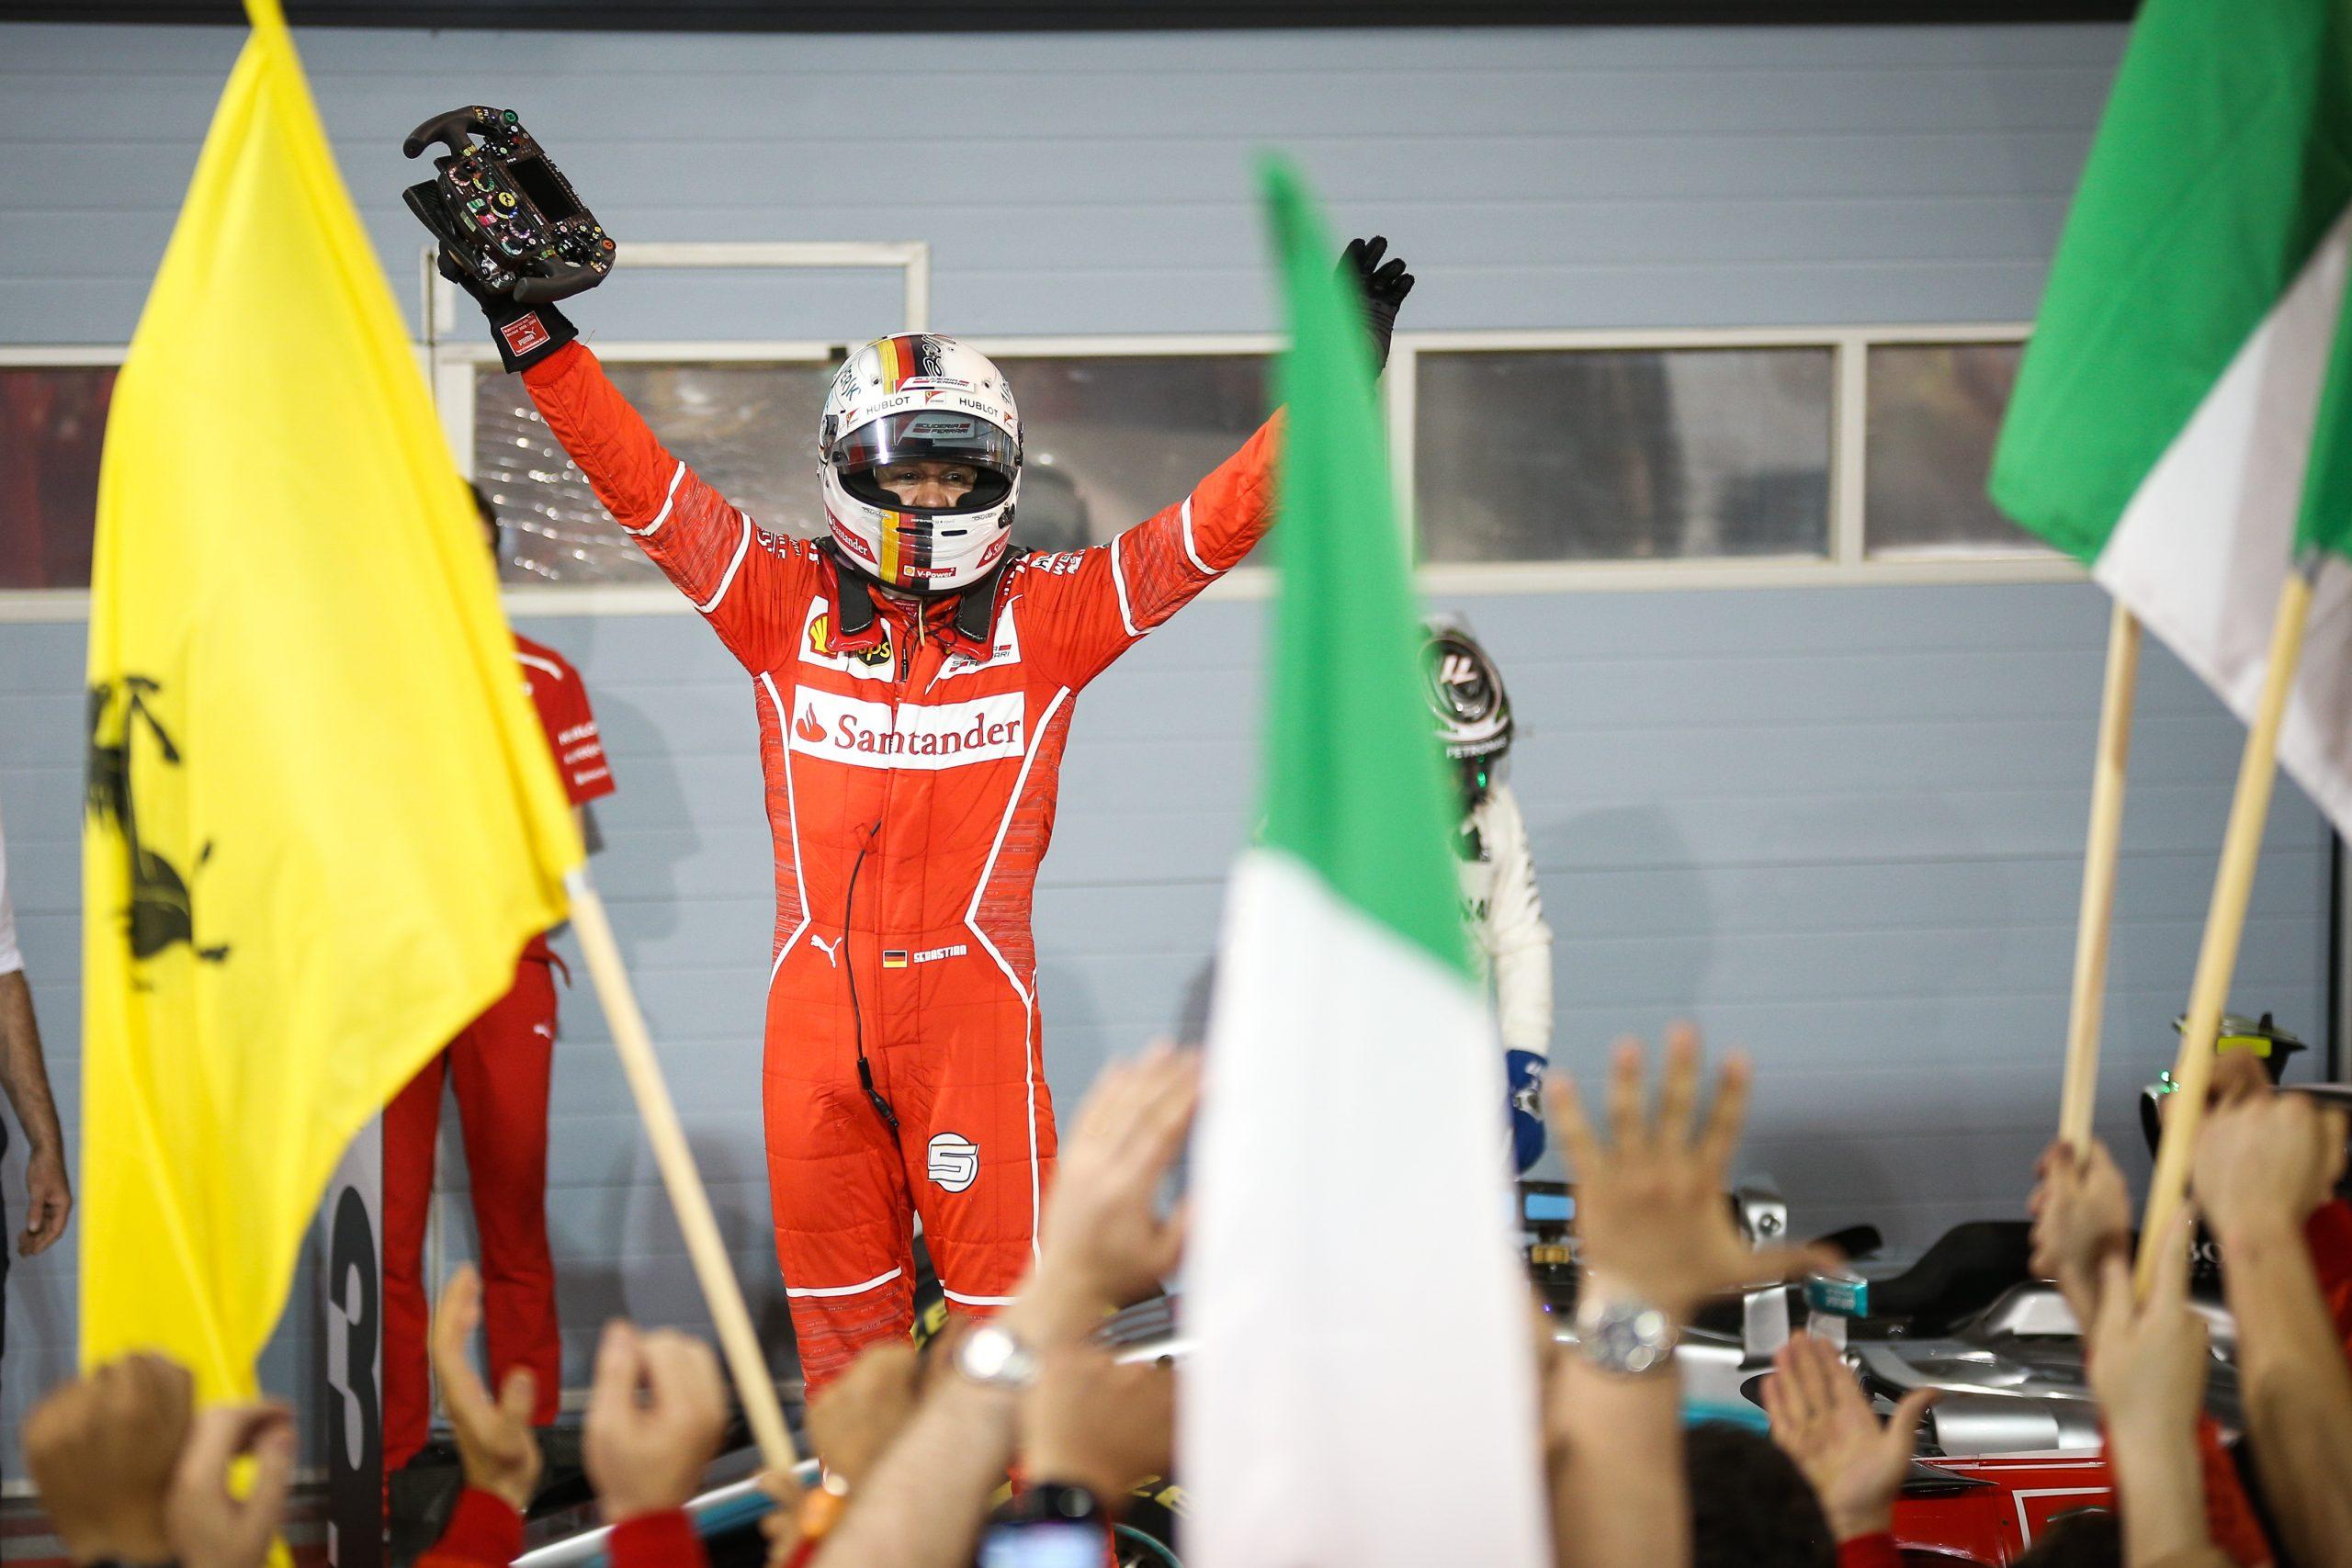 F1 – BAHRAIN GRAND PRIX 2017